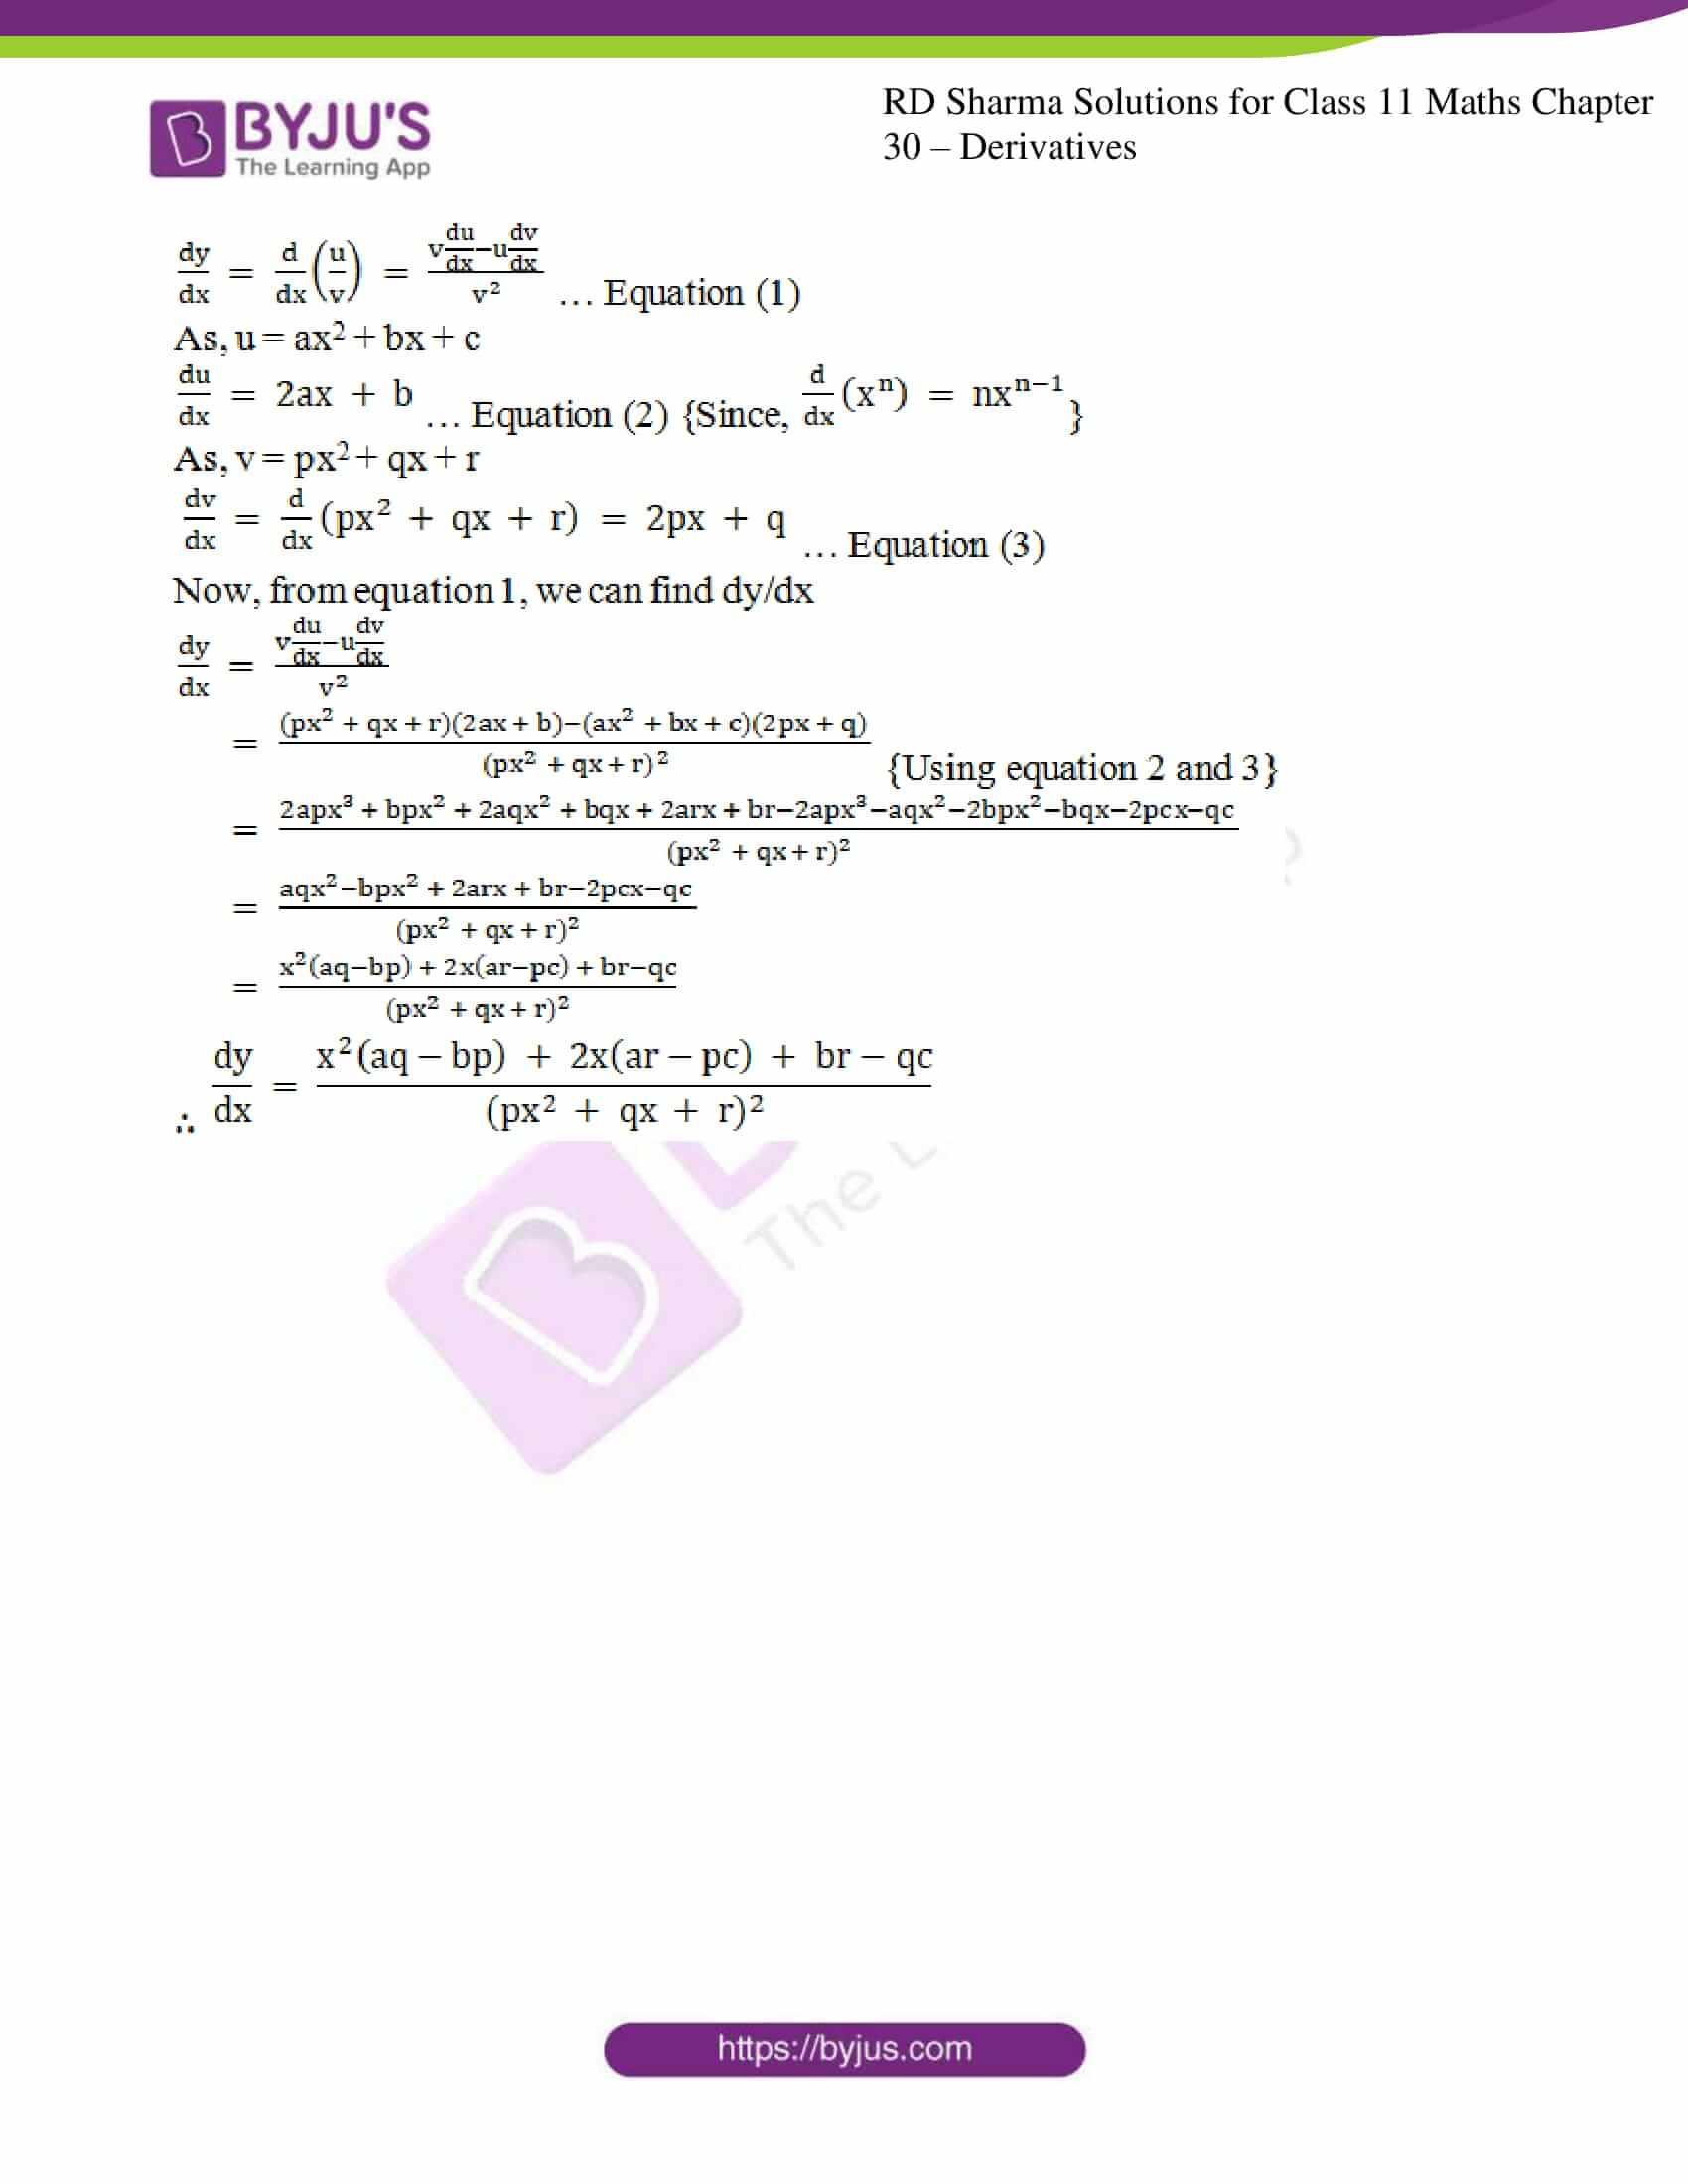 rd sharma class 11 maths chapter 30 ex 5 5